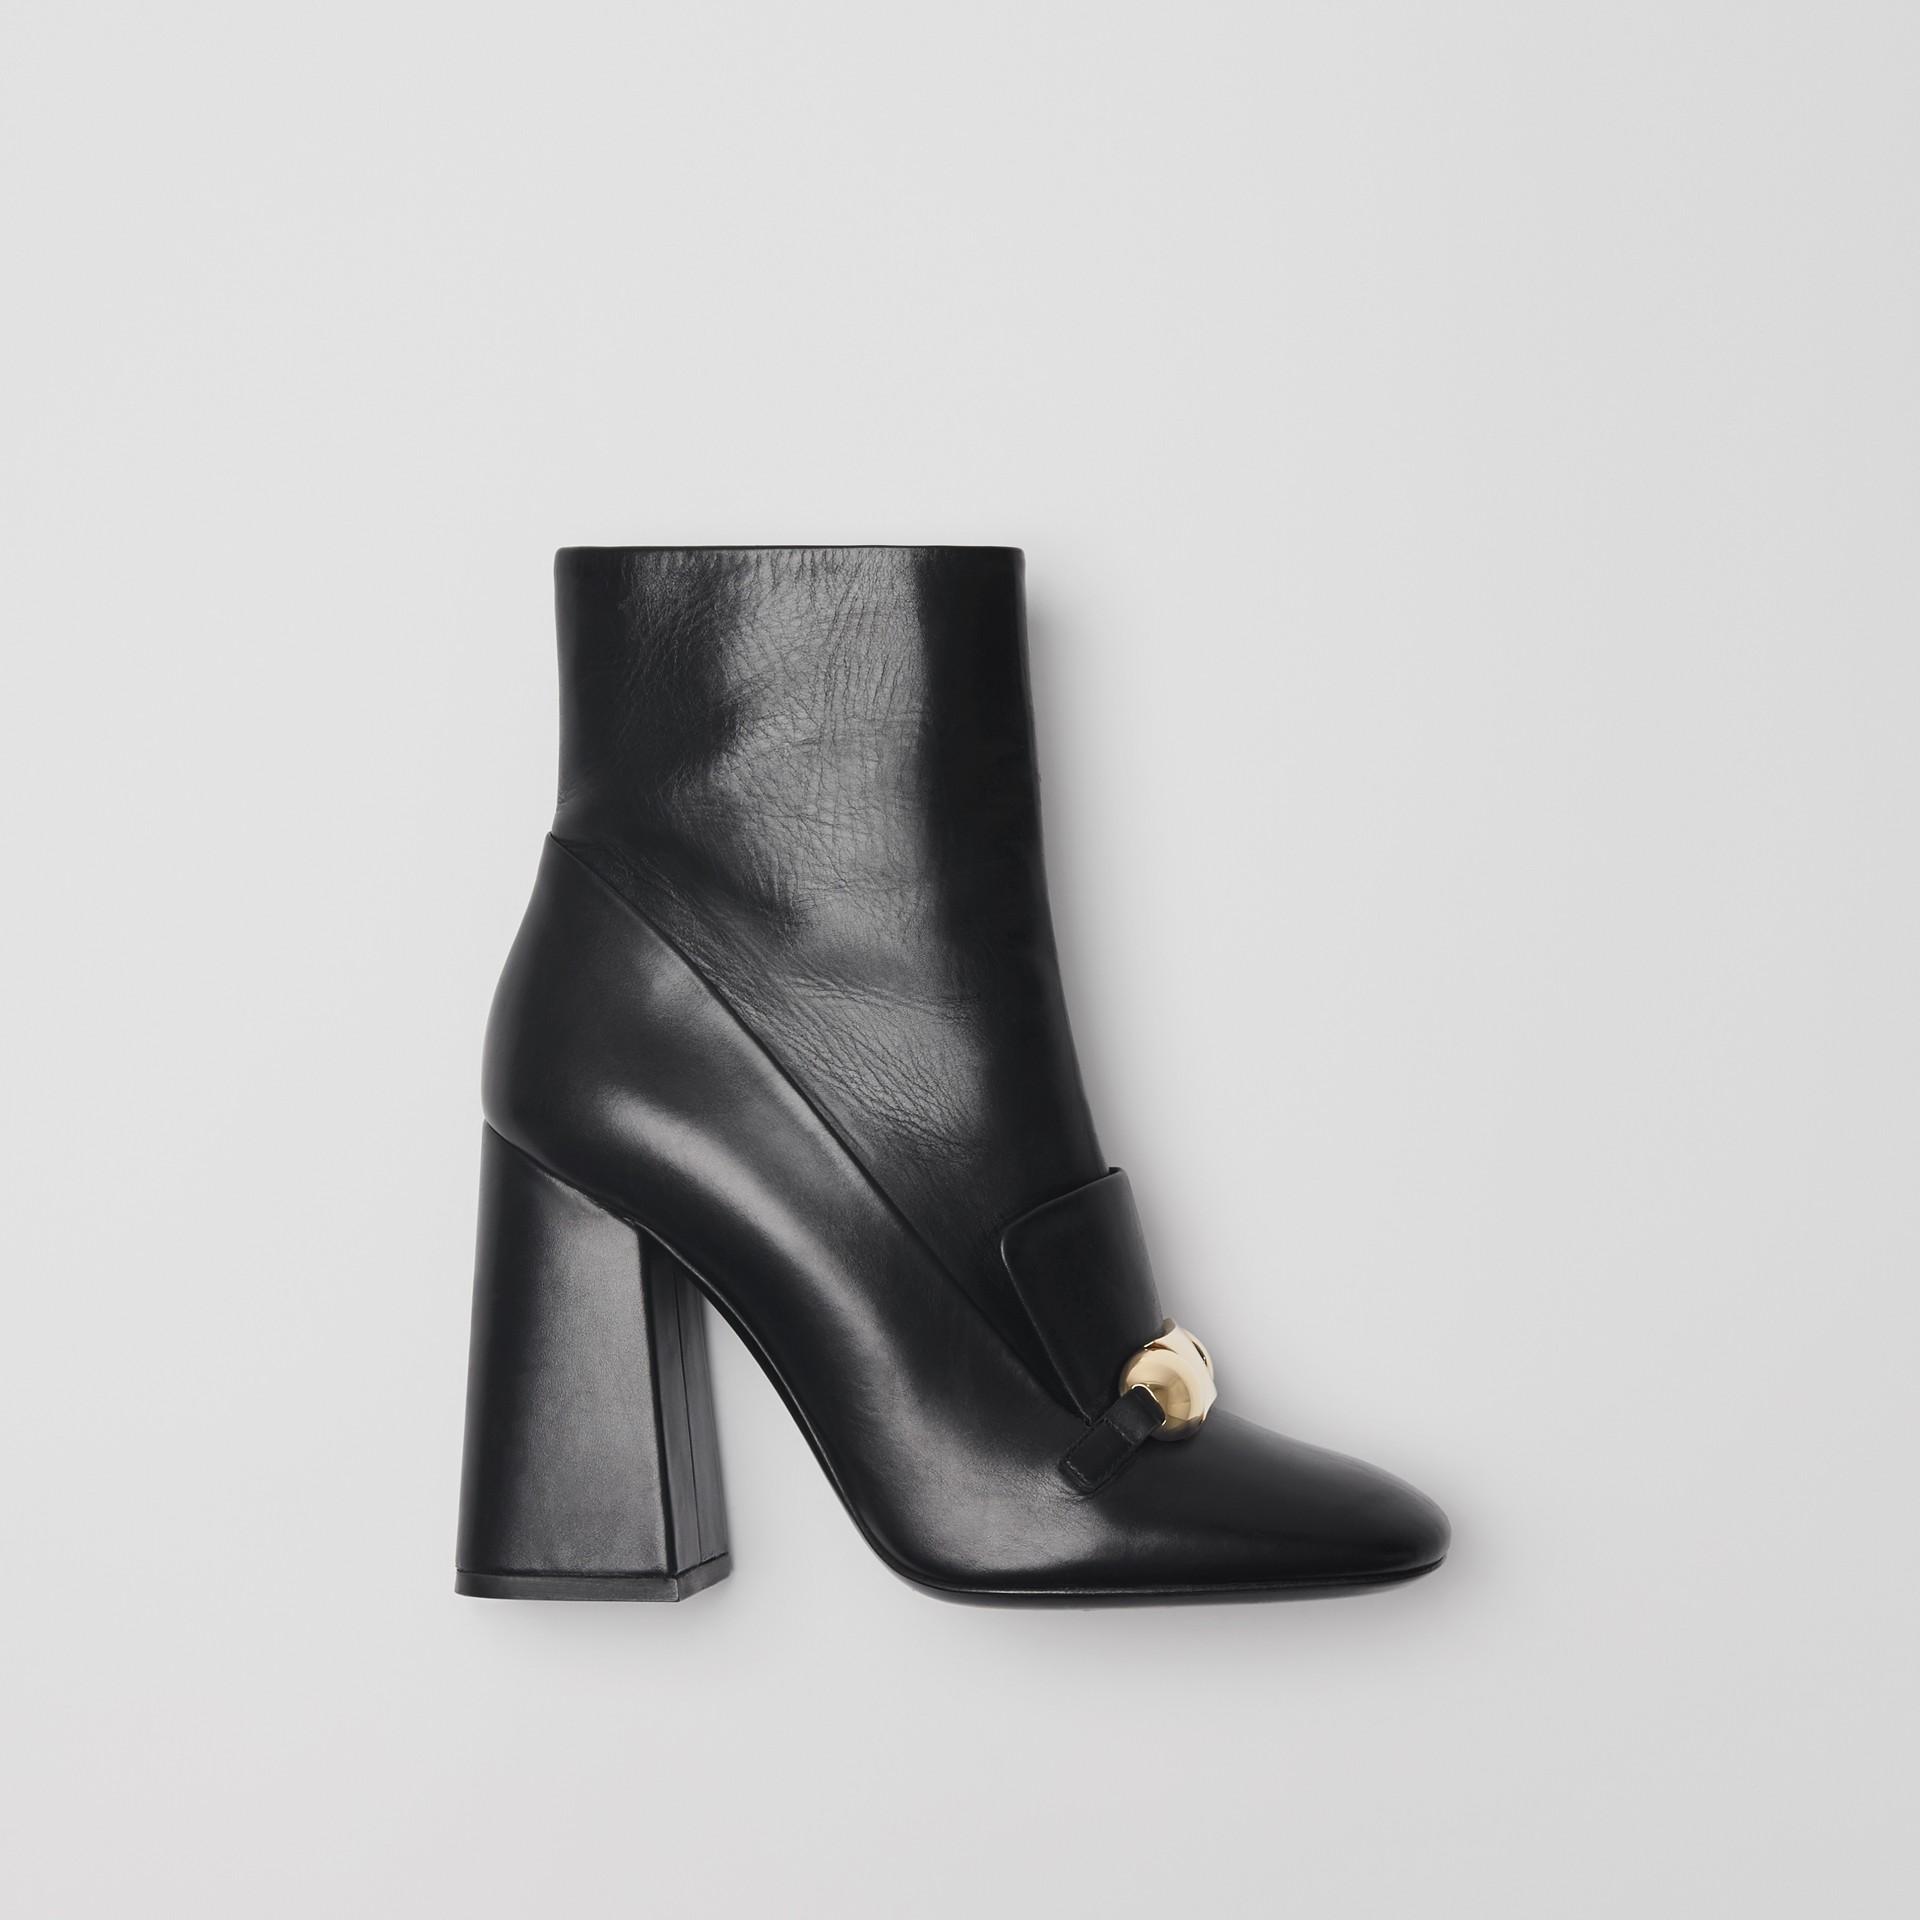 Bottines en cuir avec bride cloutée (Noir) - Femme | Burberry - photo de la galerie 0